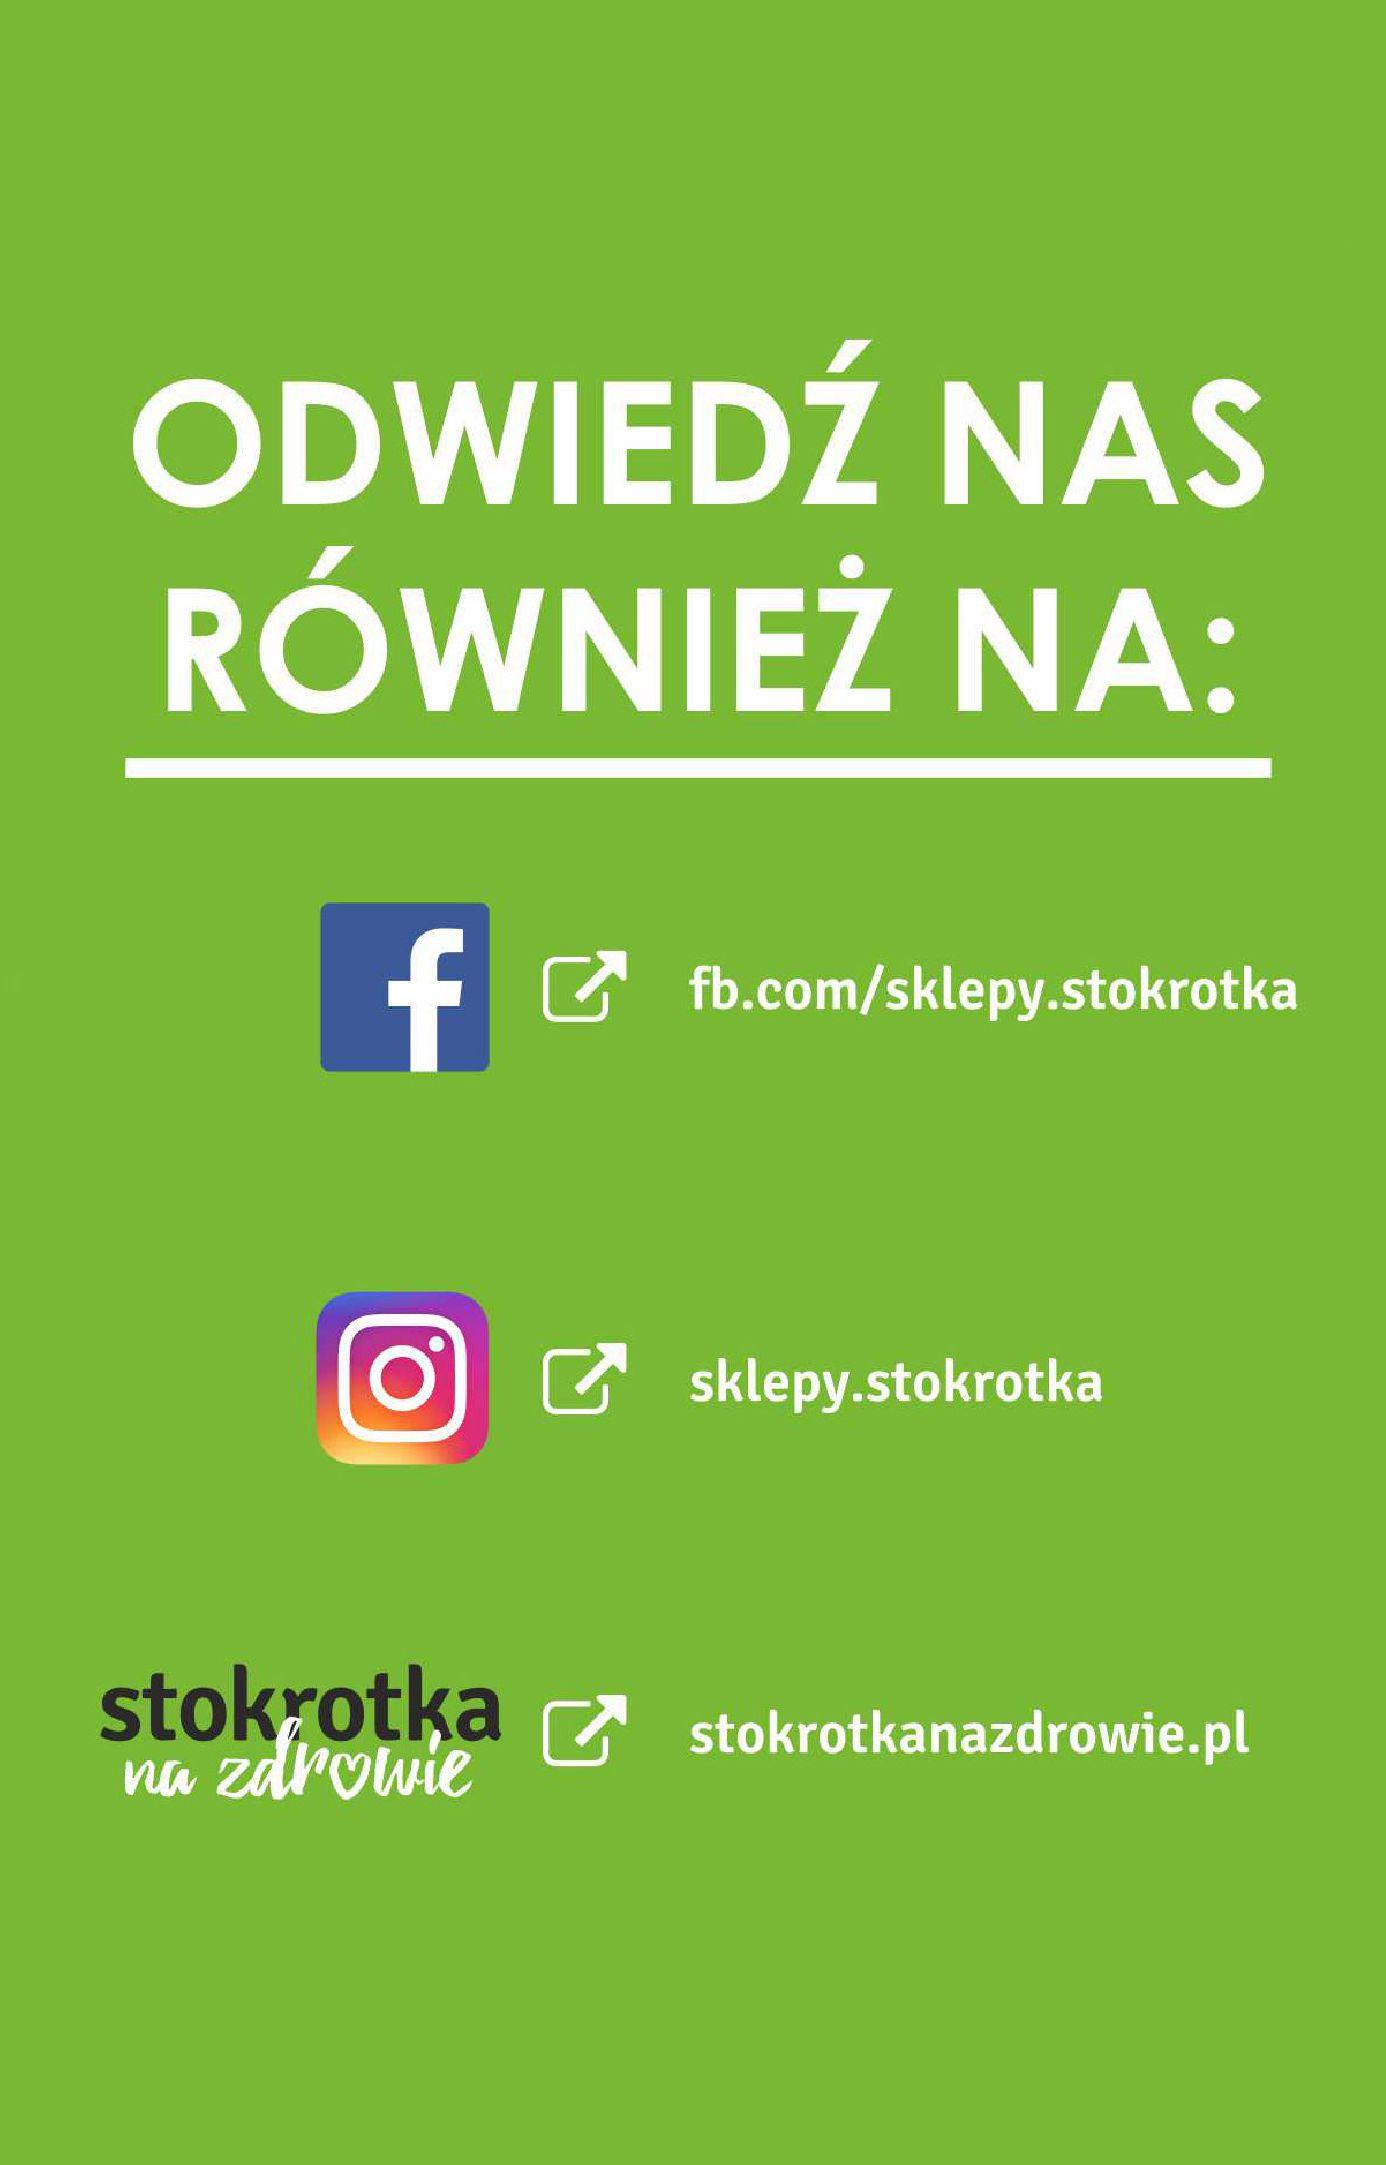 Gazetka Stokrotka Market: Oferta handlowa 2021-01-14 page-13